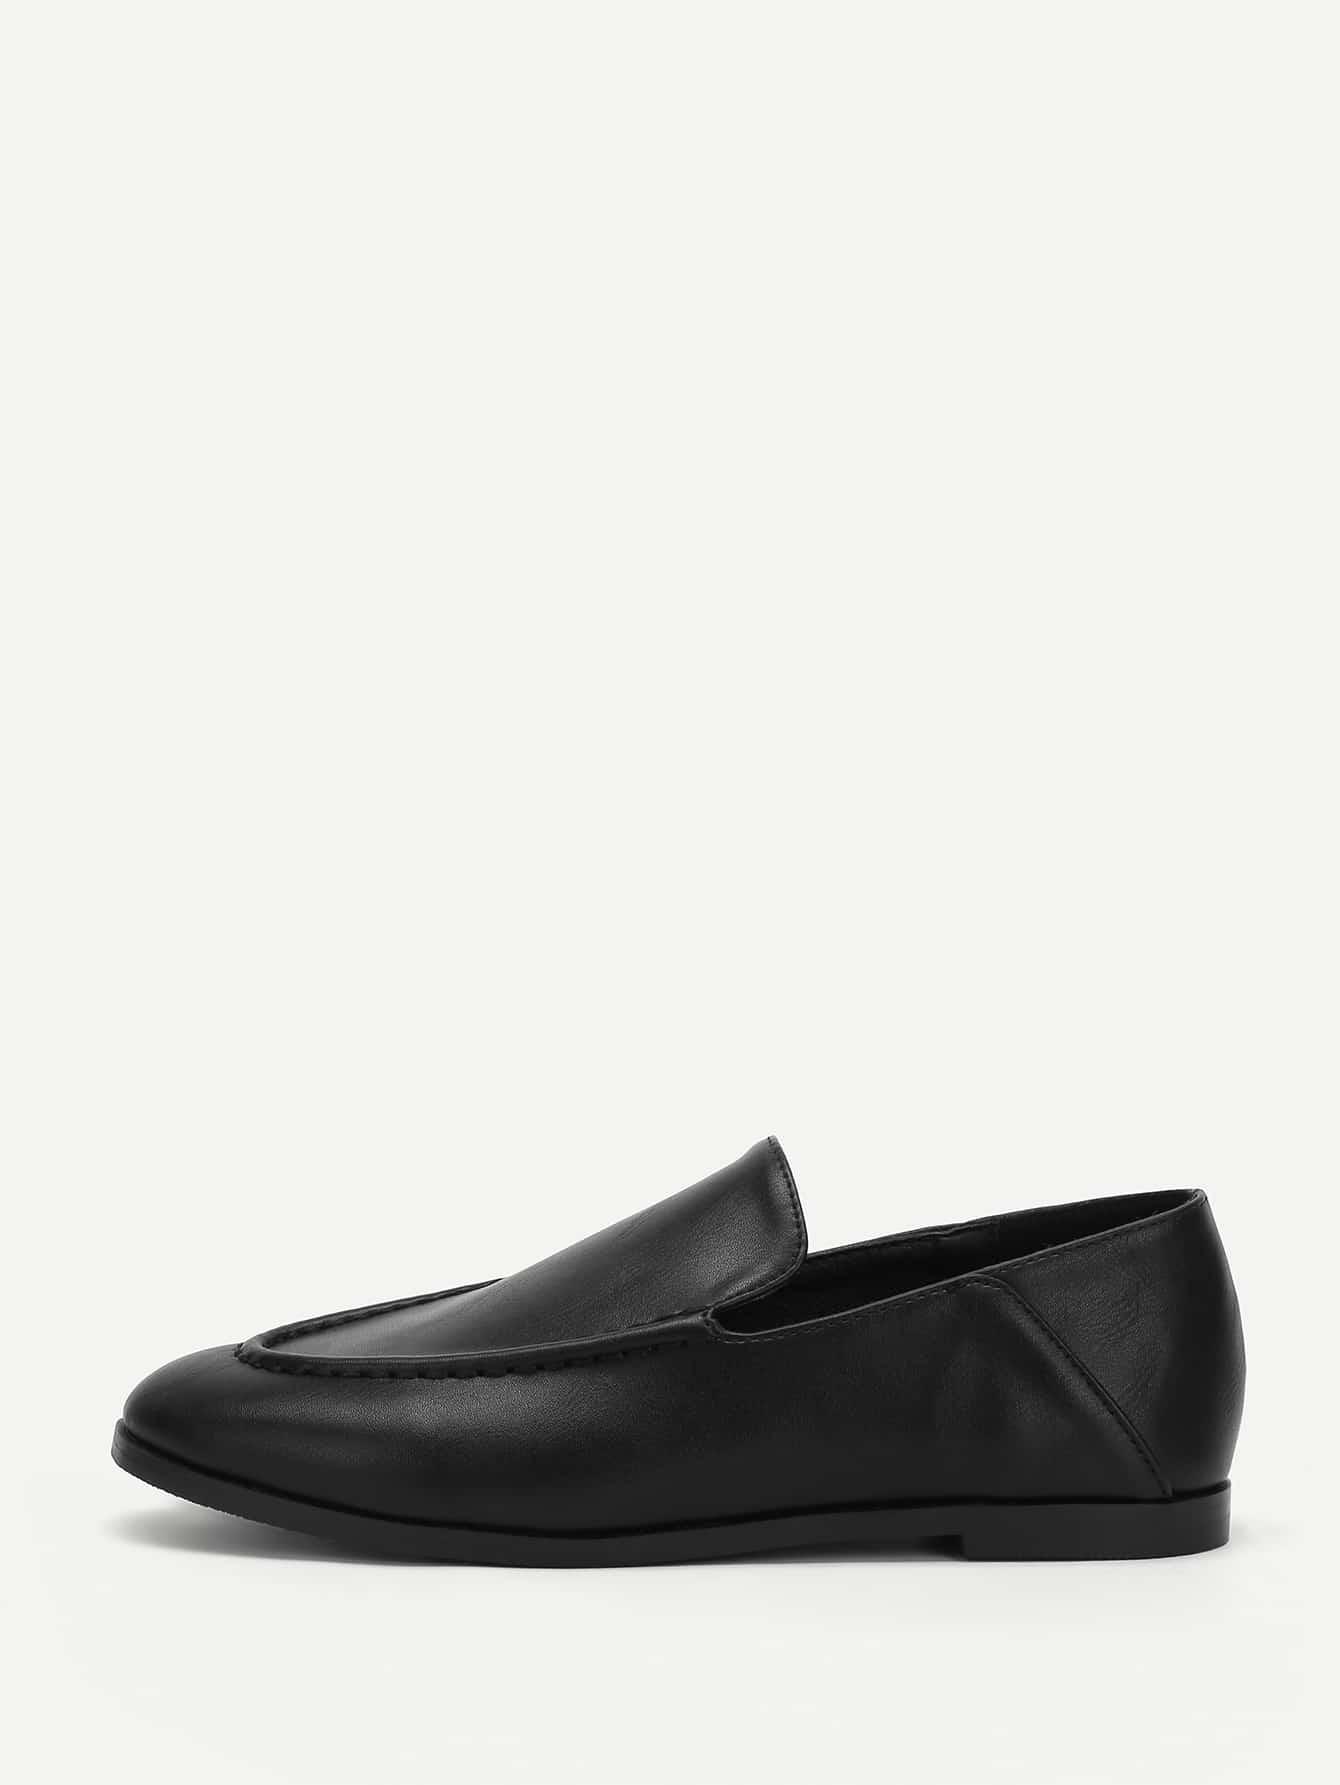 Купить Противоскользящие однотонные туфли на плоской подошве, null, SheIn